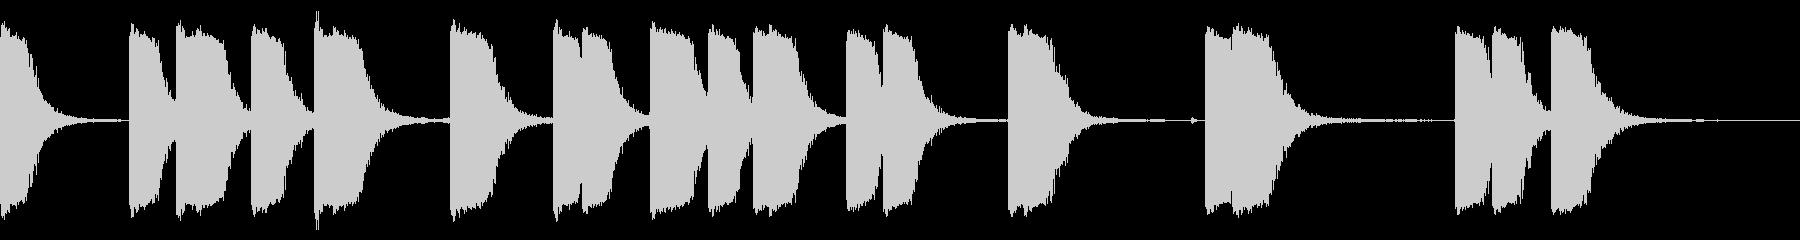 ガンショットマルチインテリアの未再生の波形